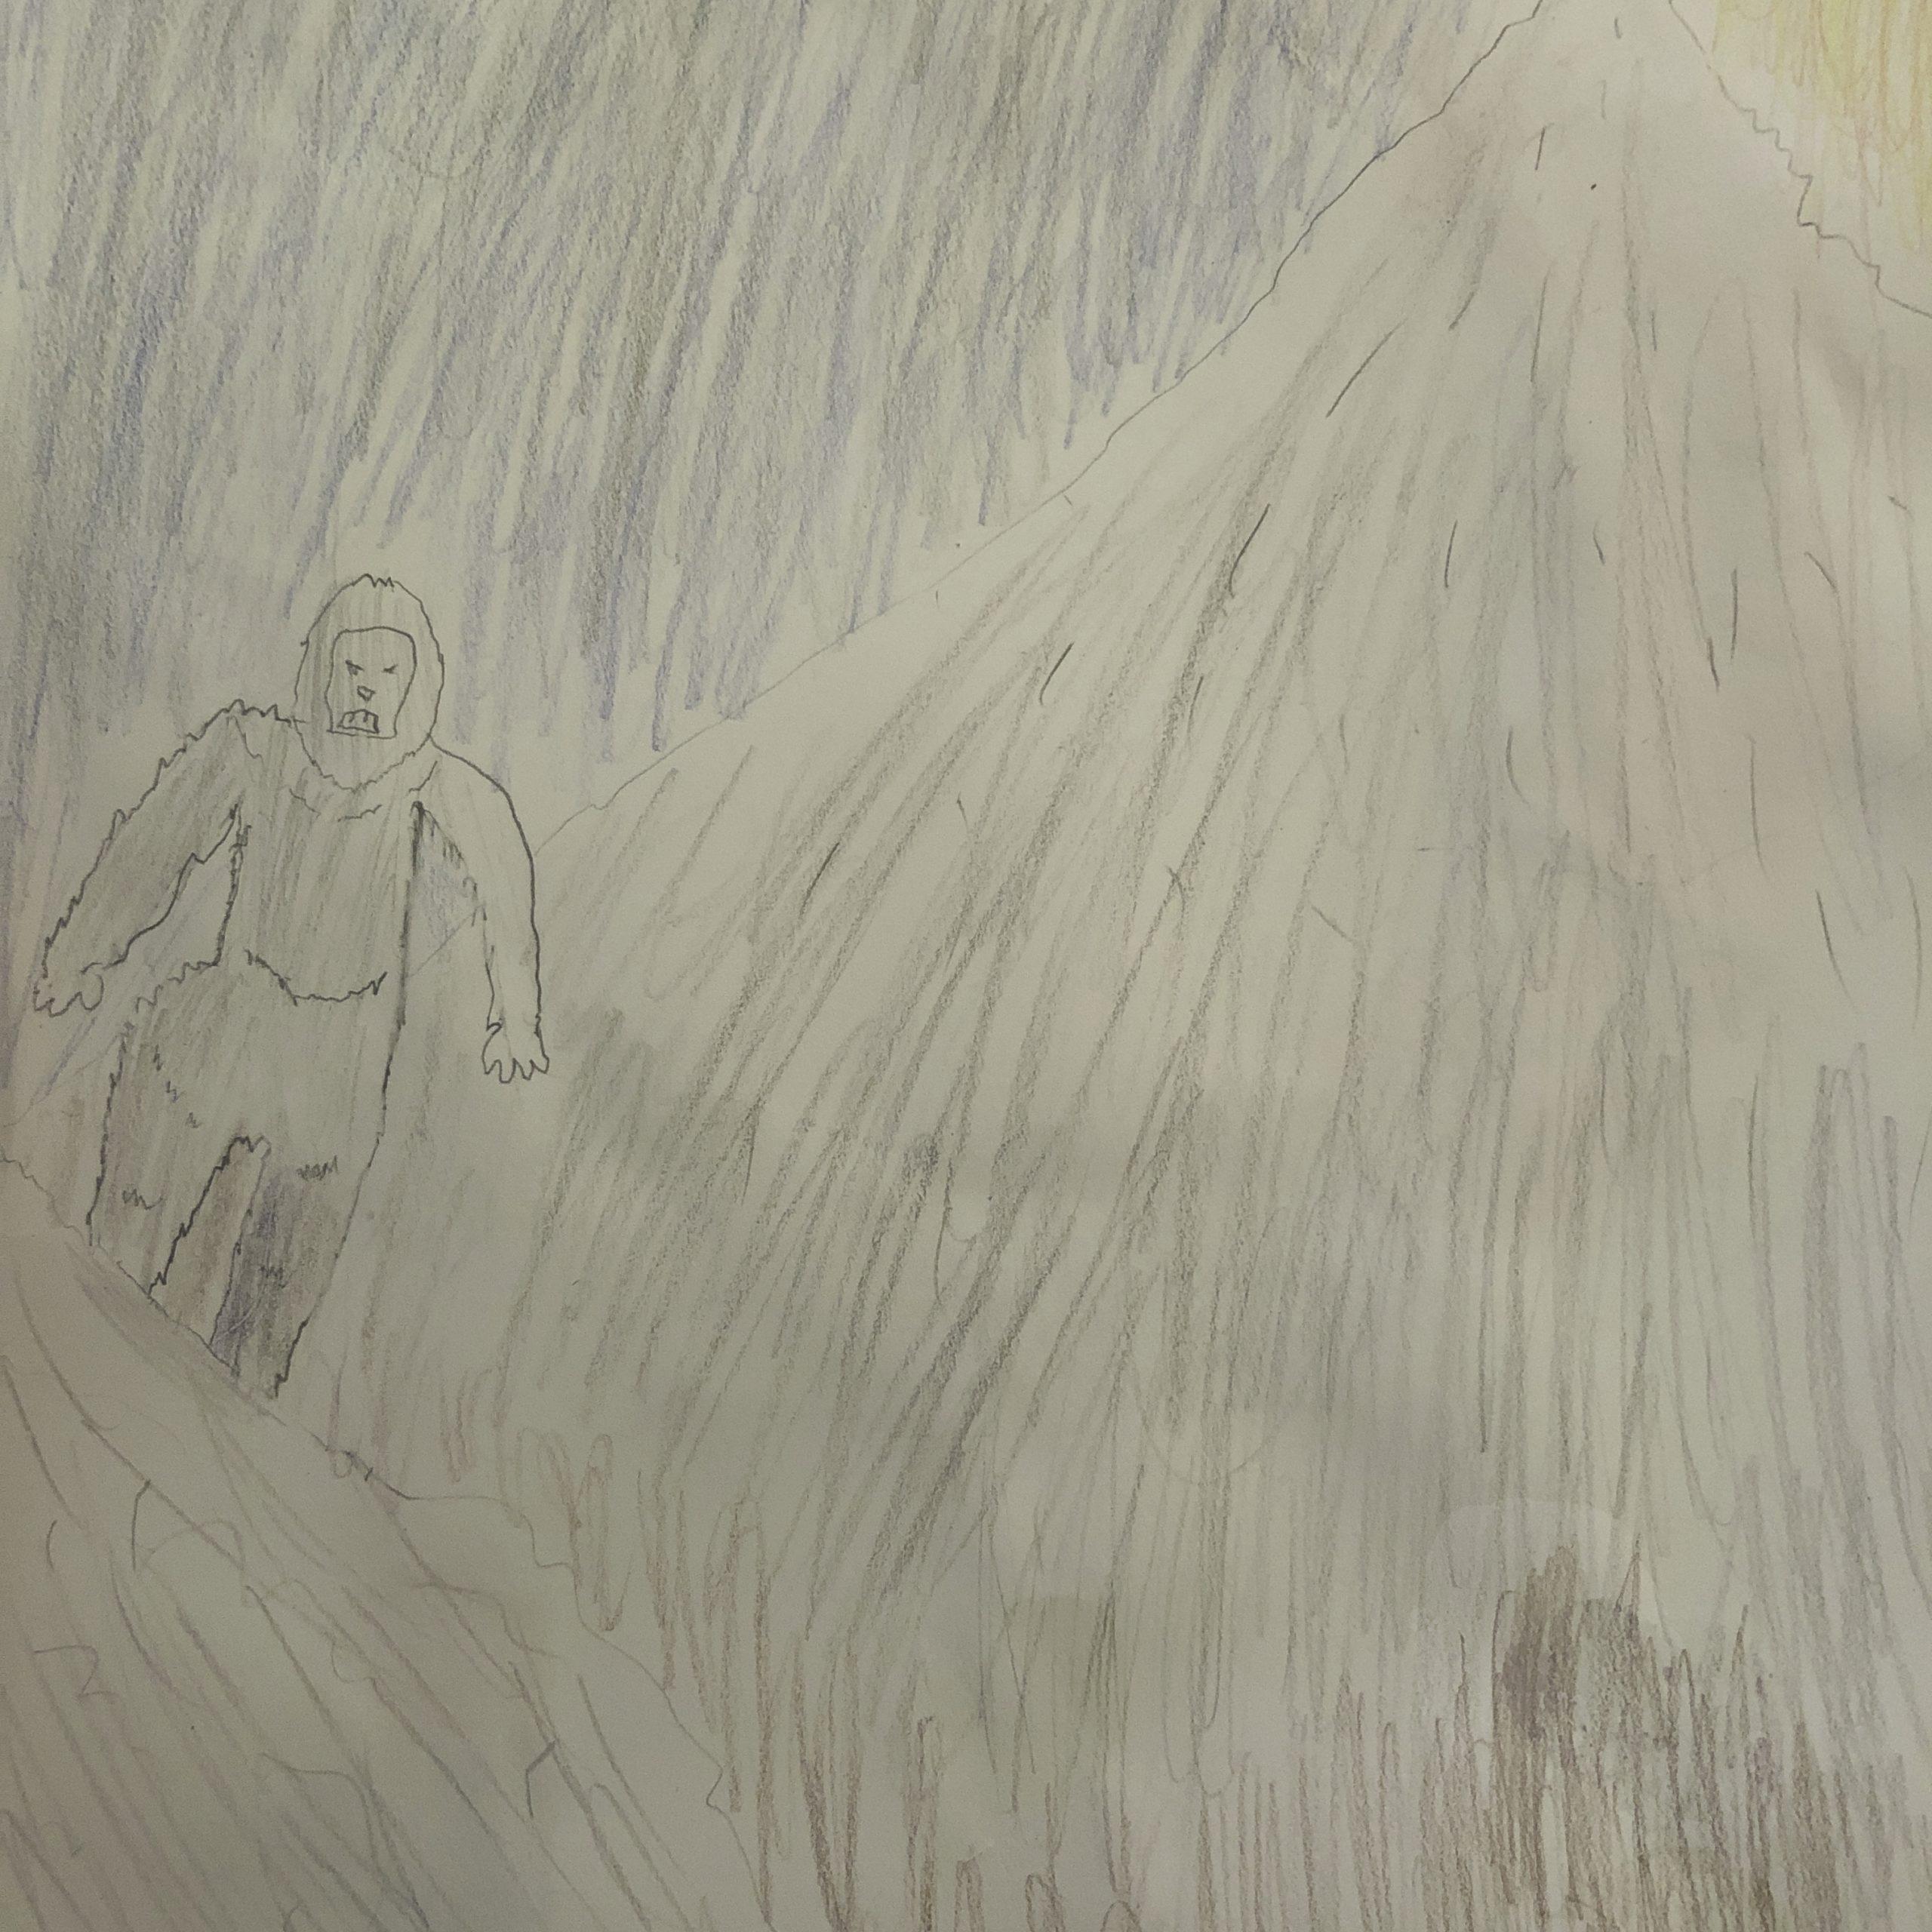 yeti on a mountain grade 10